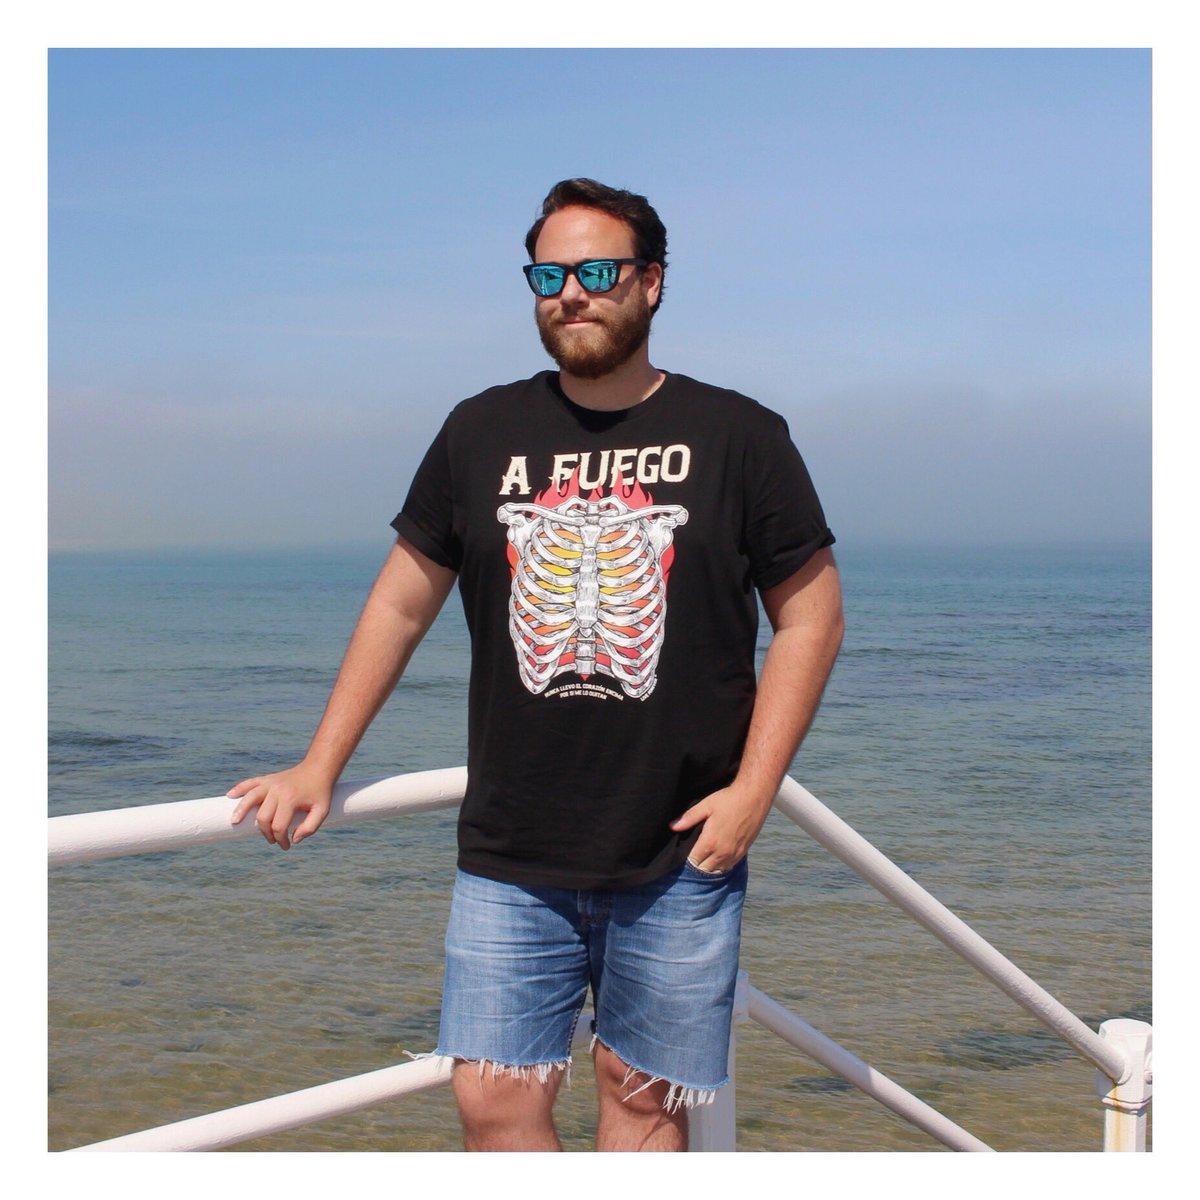 """"""" Voy a tatuarme azul una casita,   para que allí vivan nuestros corazones """"  Camiseta A Fuego  de algodón orgánico todas tallas disponibles en nuestra tienda online http://www.liveforever.es  #14Julio #camisetas #marca #moda #fashion #sostenible #ethicalfashion #fuegopic.twitter.com/hLzDywQkaa"""